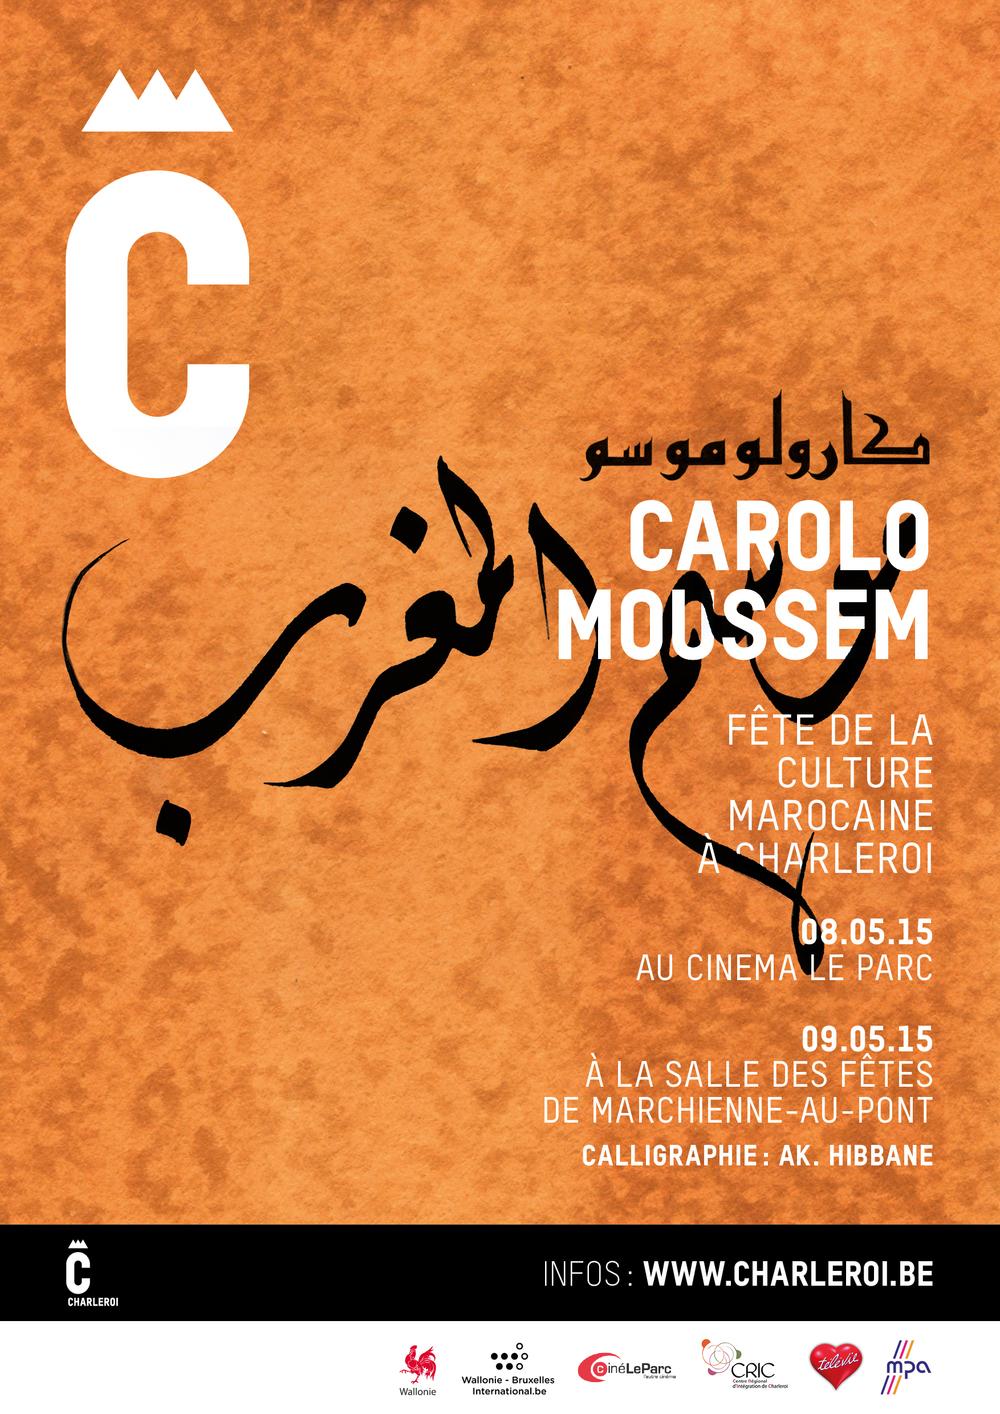 identite-charleroi-logo_carolo-moussem